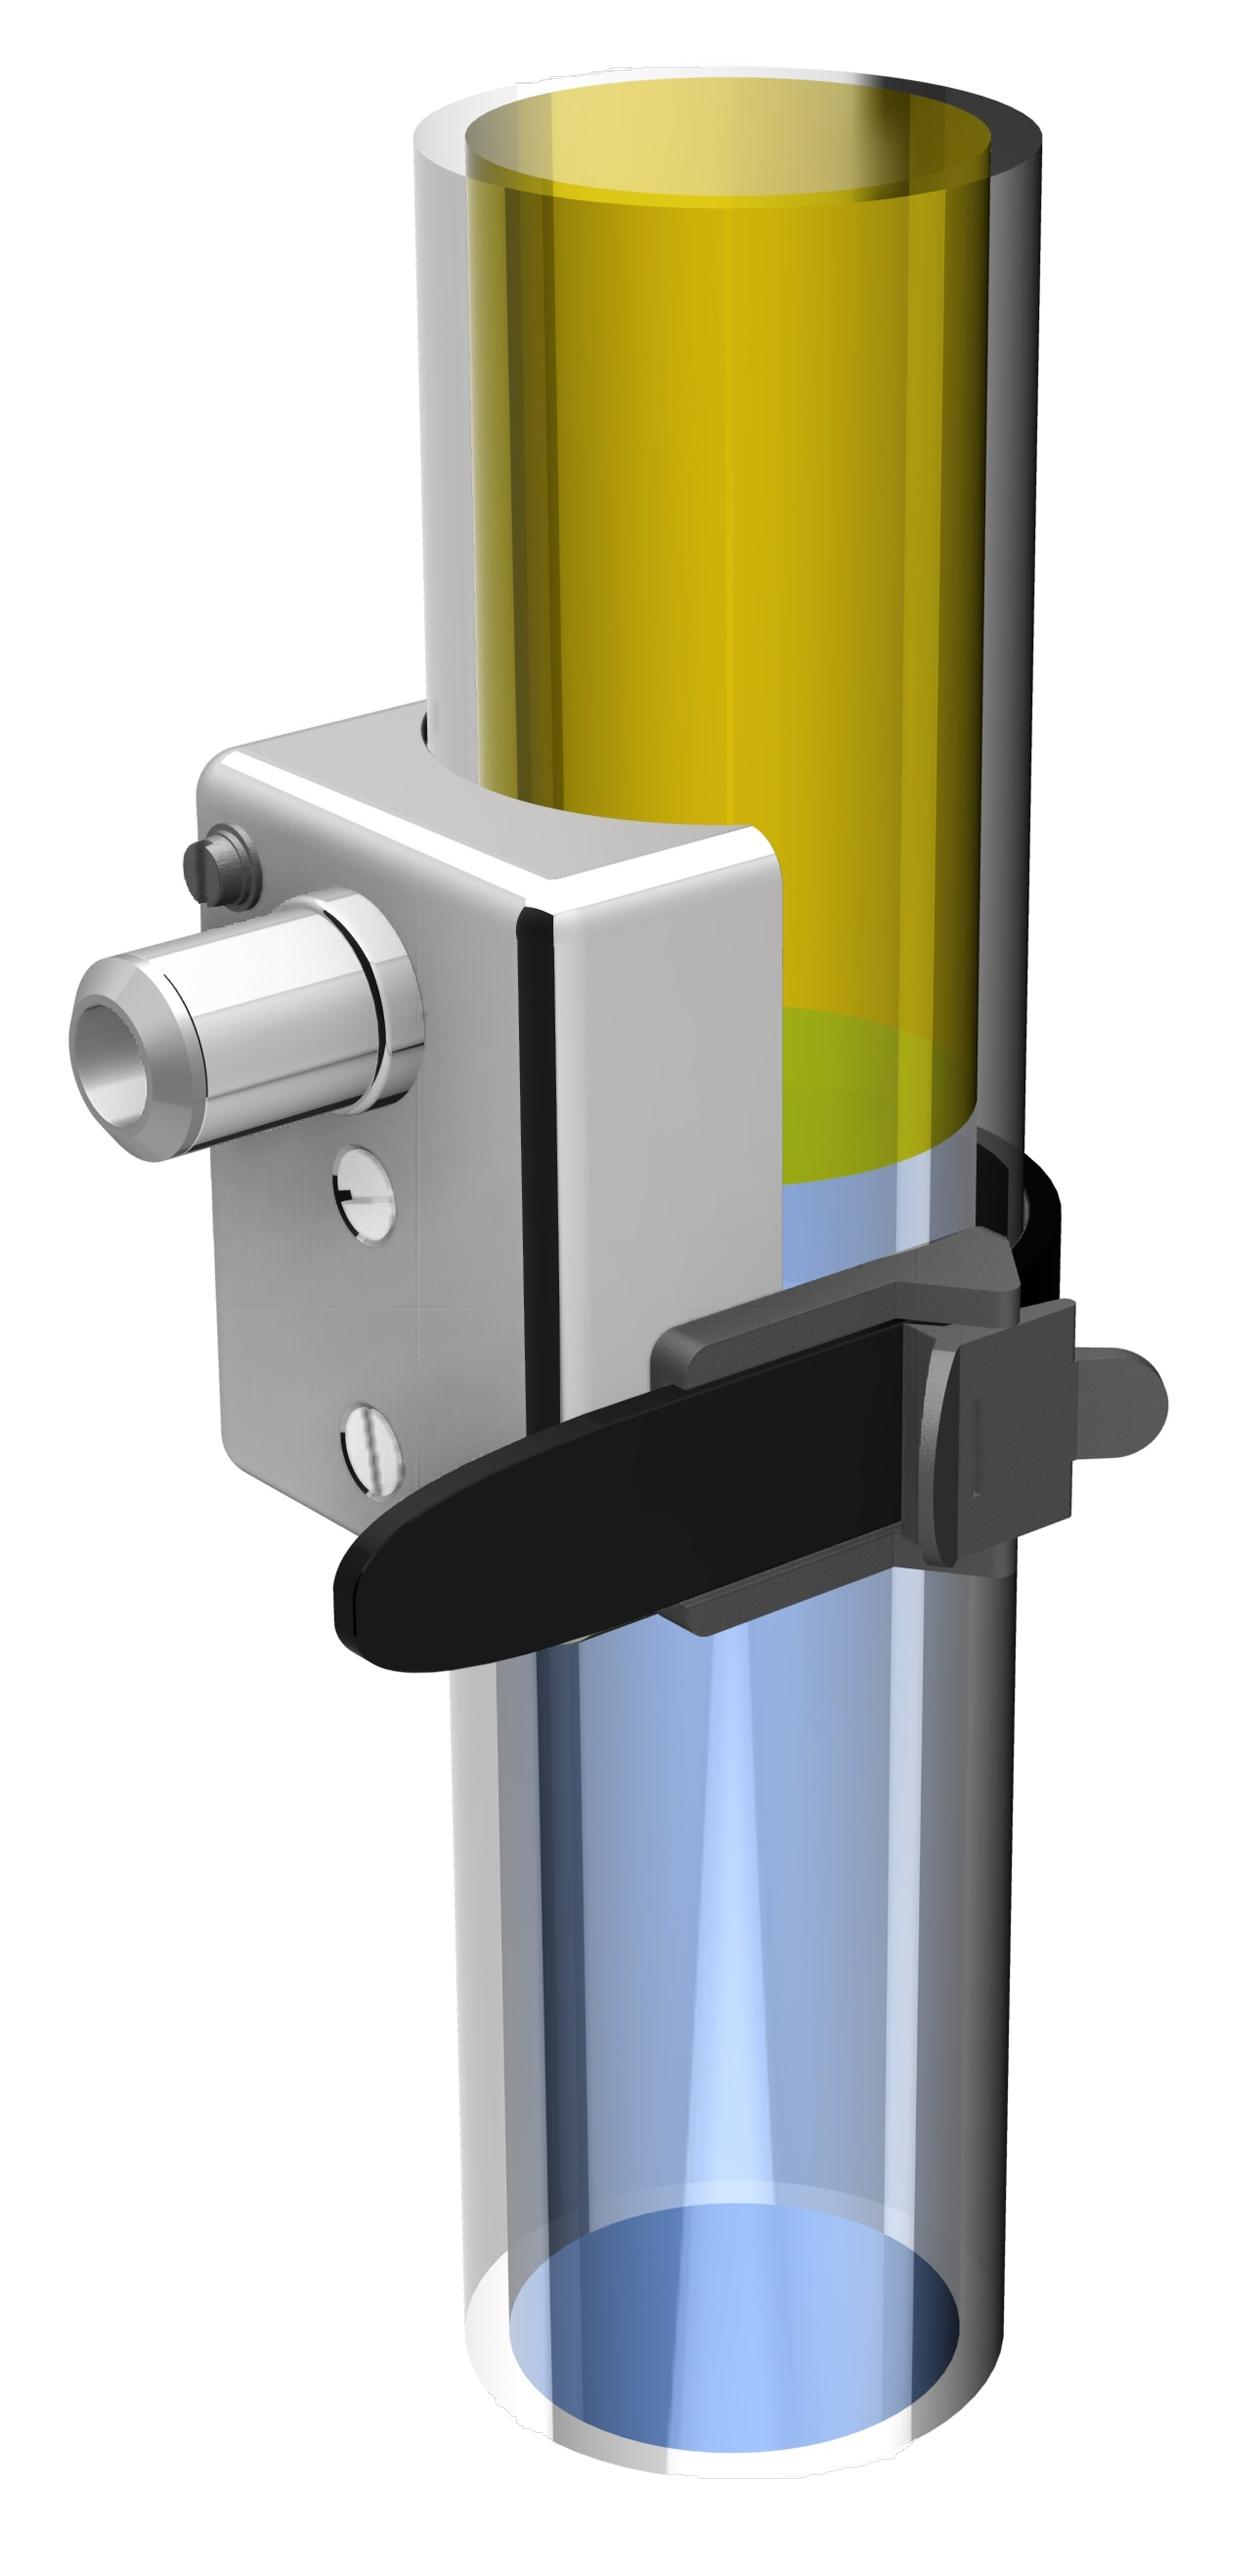 Aquasant Trennschichtmessung in Glasrohr Abscheider mit Klammer-Sonde